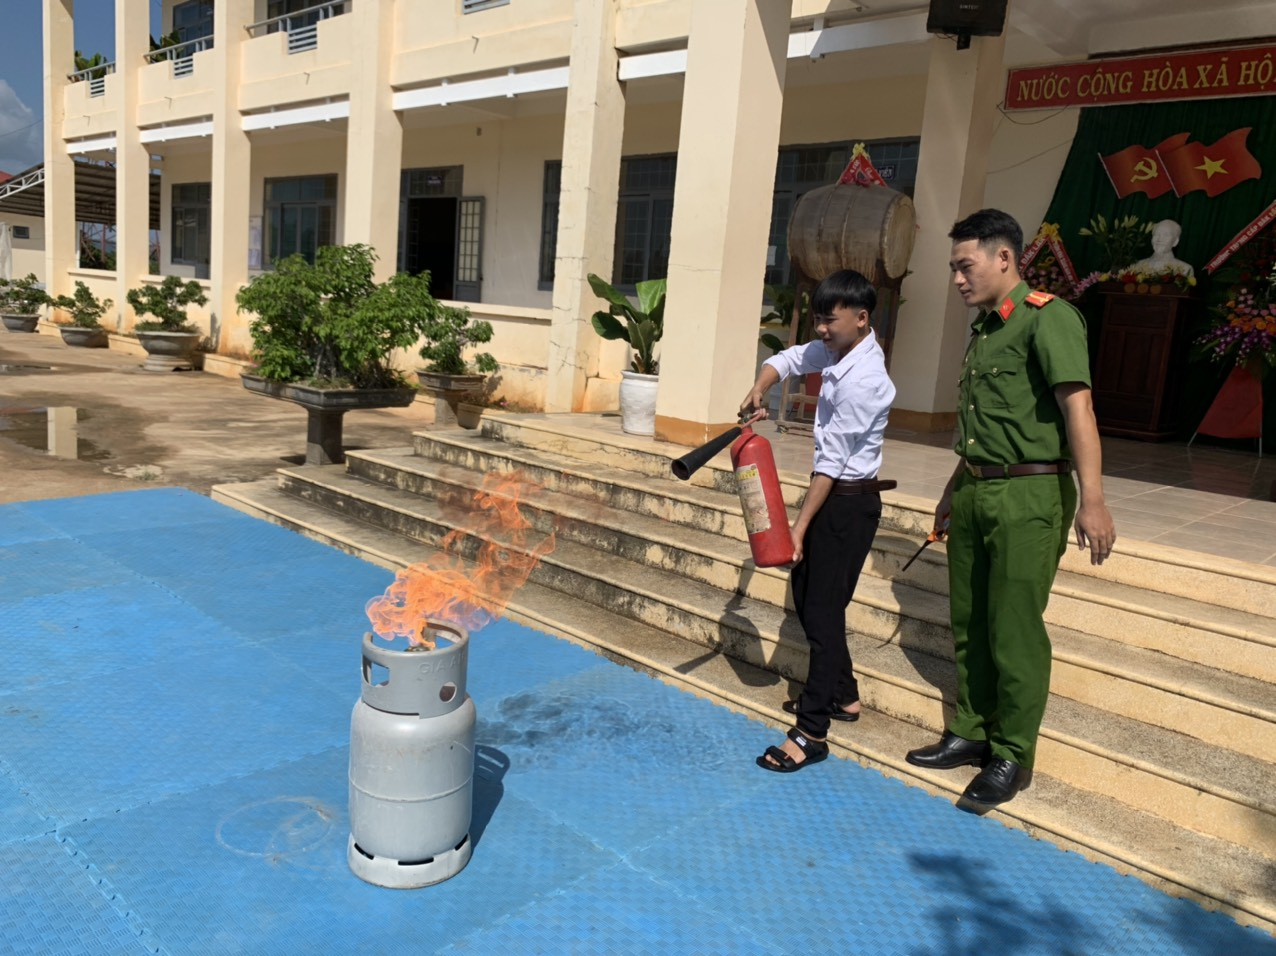 Tuyên truyền phòng cháy chữa cháy cho trên 1.400 giáo viên, học sinh ở Ea Súp